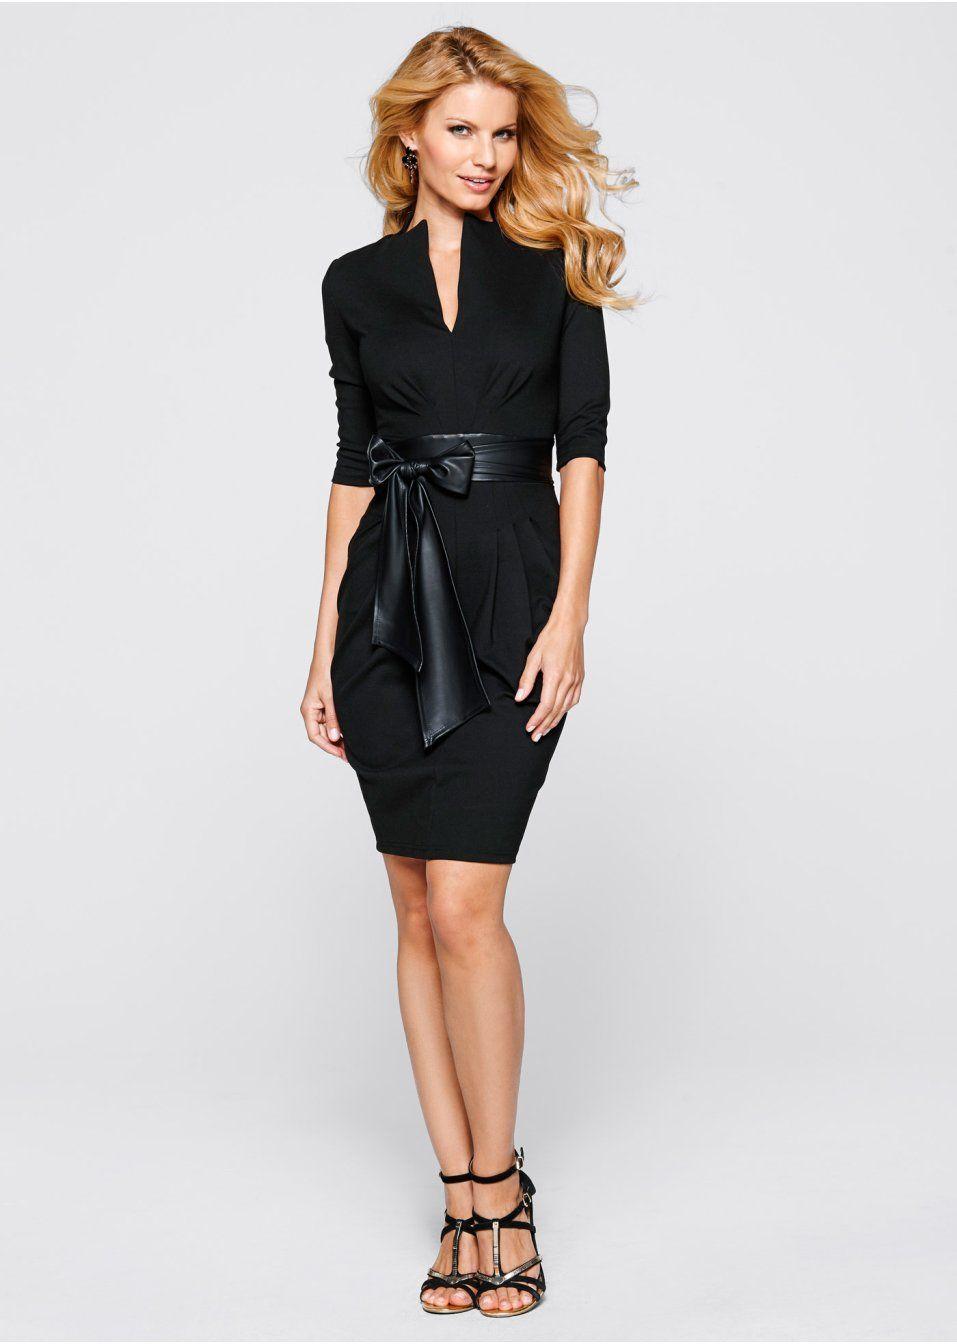 670a1ef0f8 Sukienka Dopasowana do figury sukienka • 149.99 zł • bonprix ...